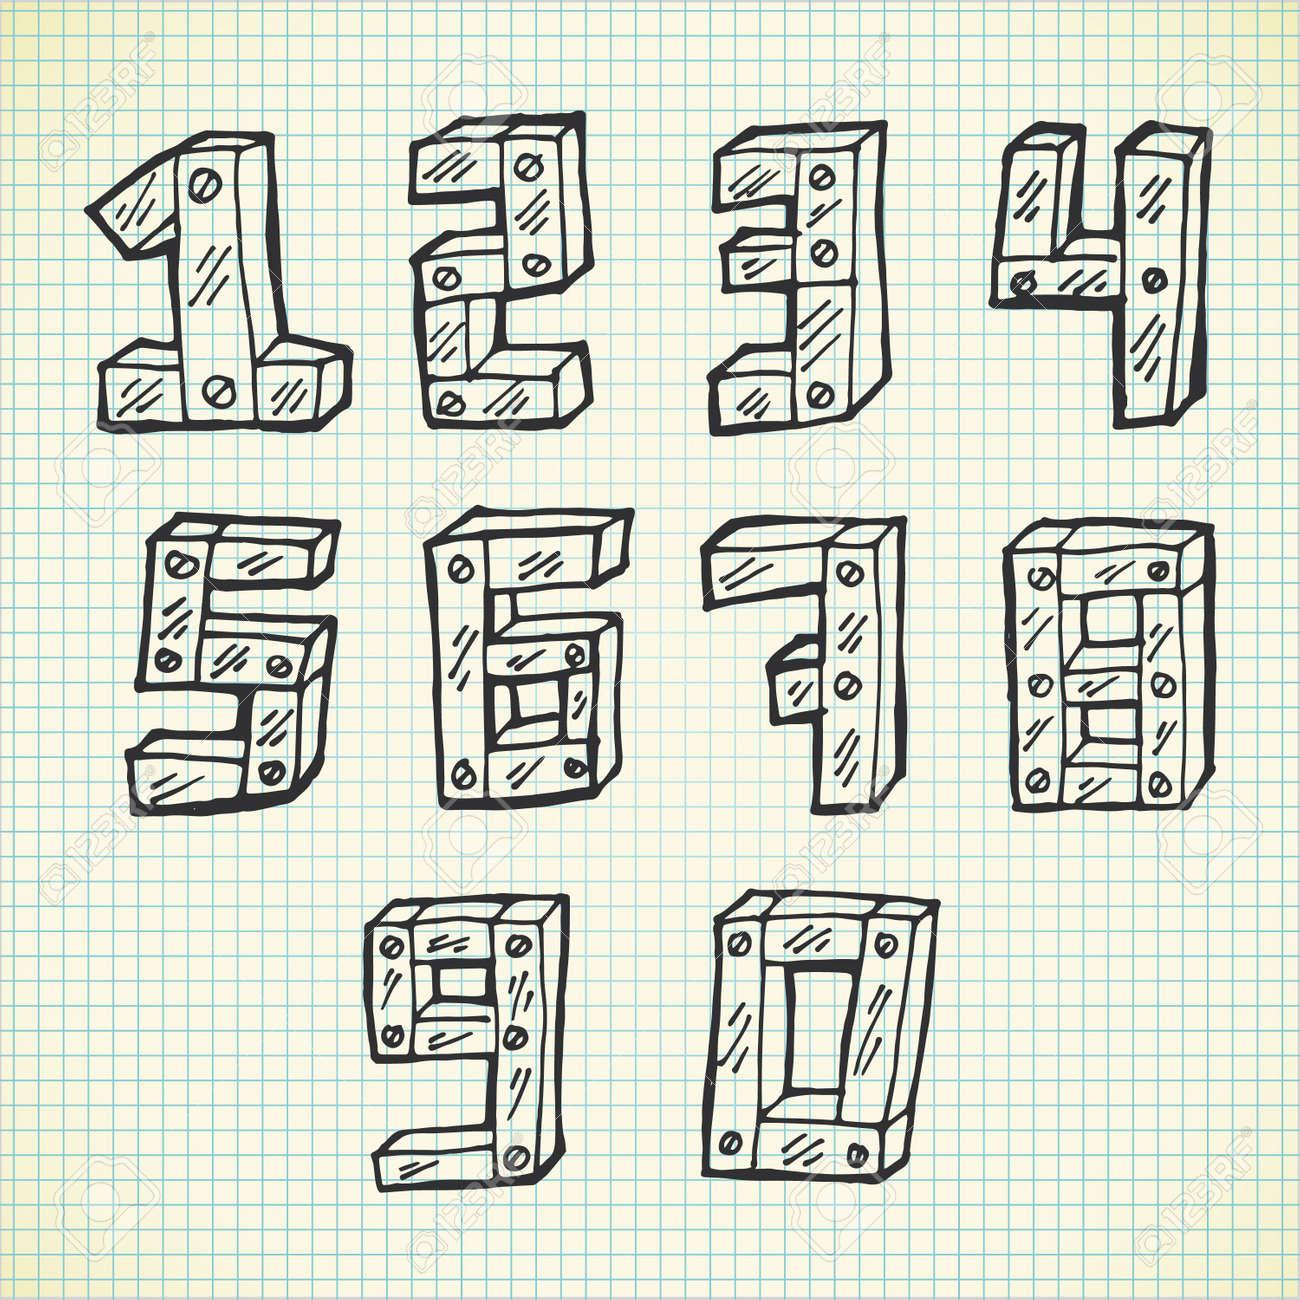 フォント かわいい 数字